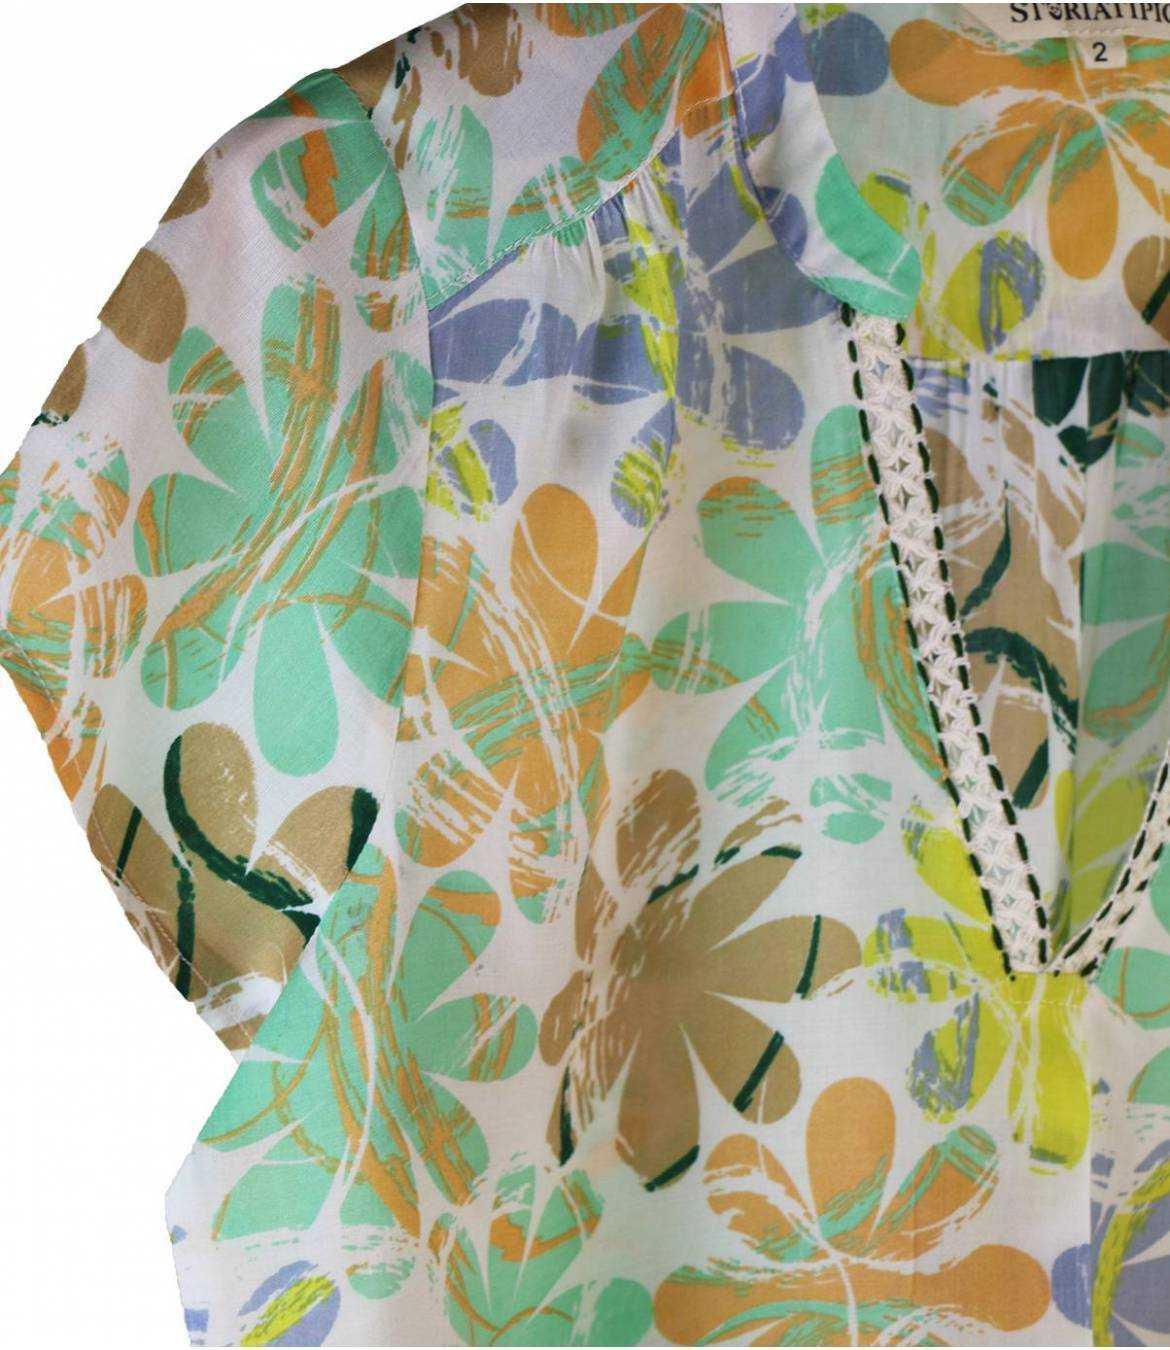 ZOE ELLY T-shirt en Modal pour Femme Storiatipic - 5